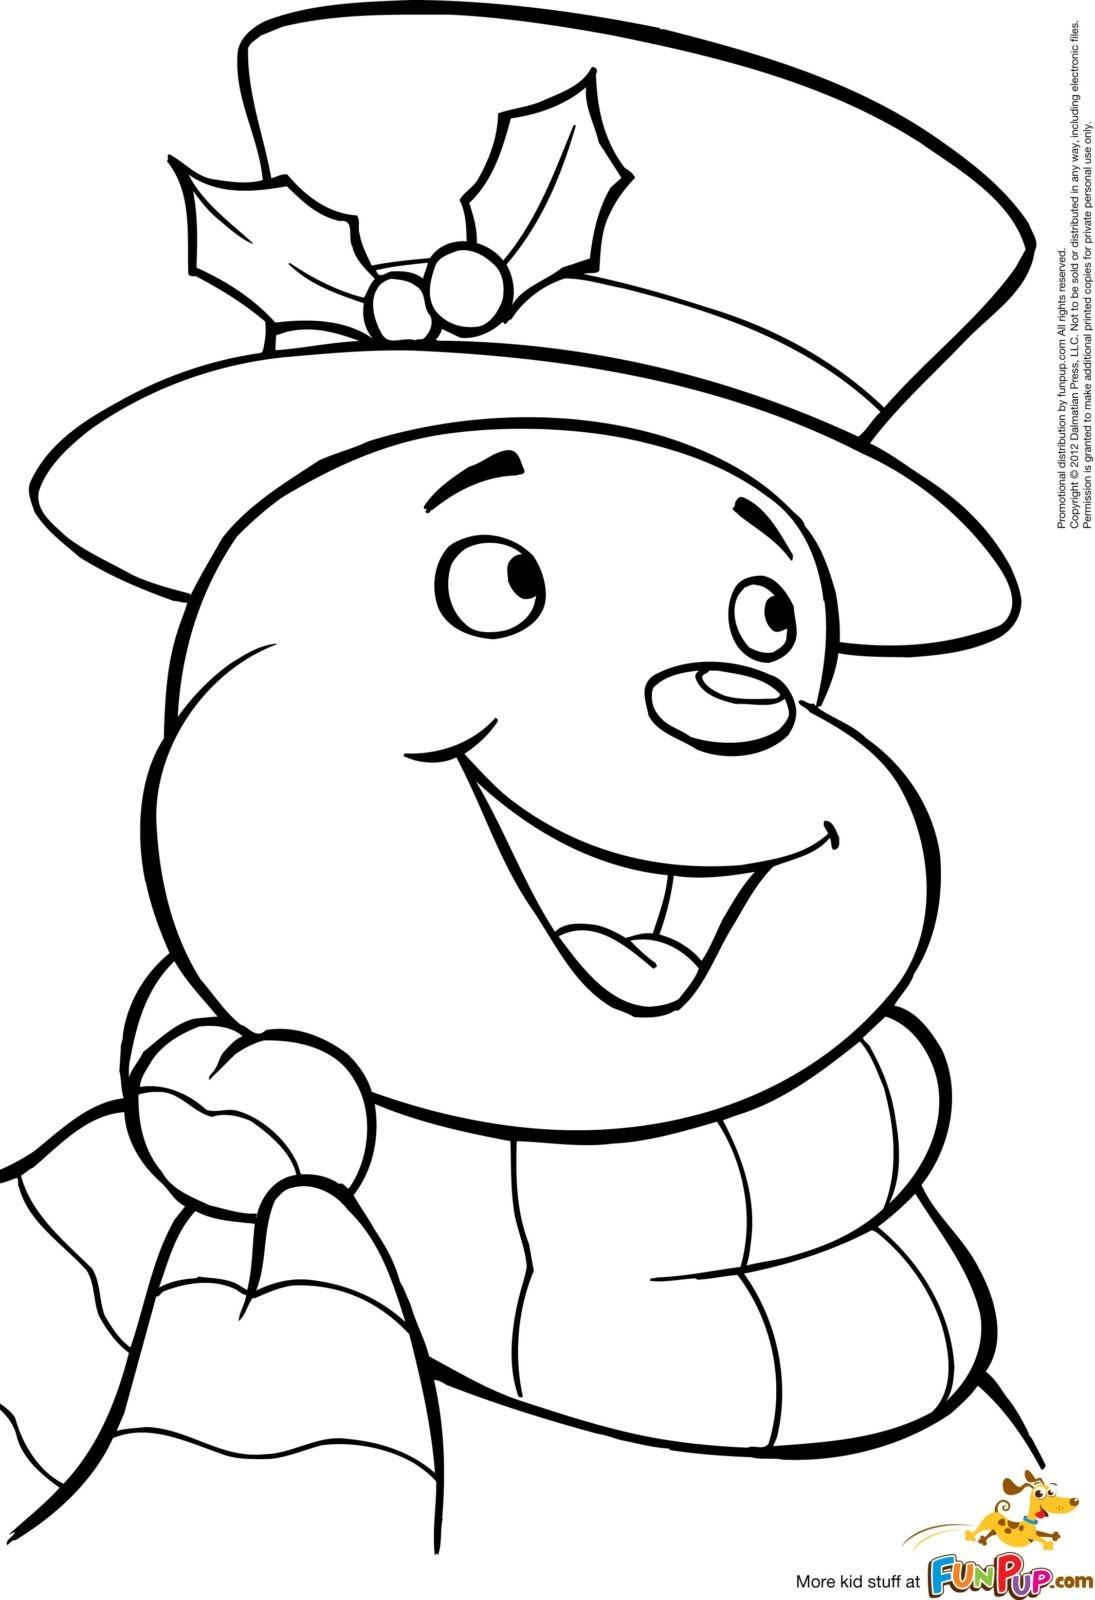 снеговик смеётся